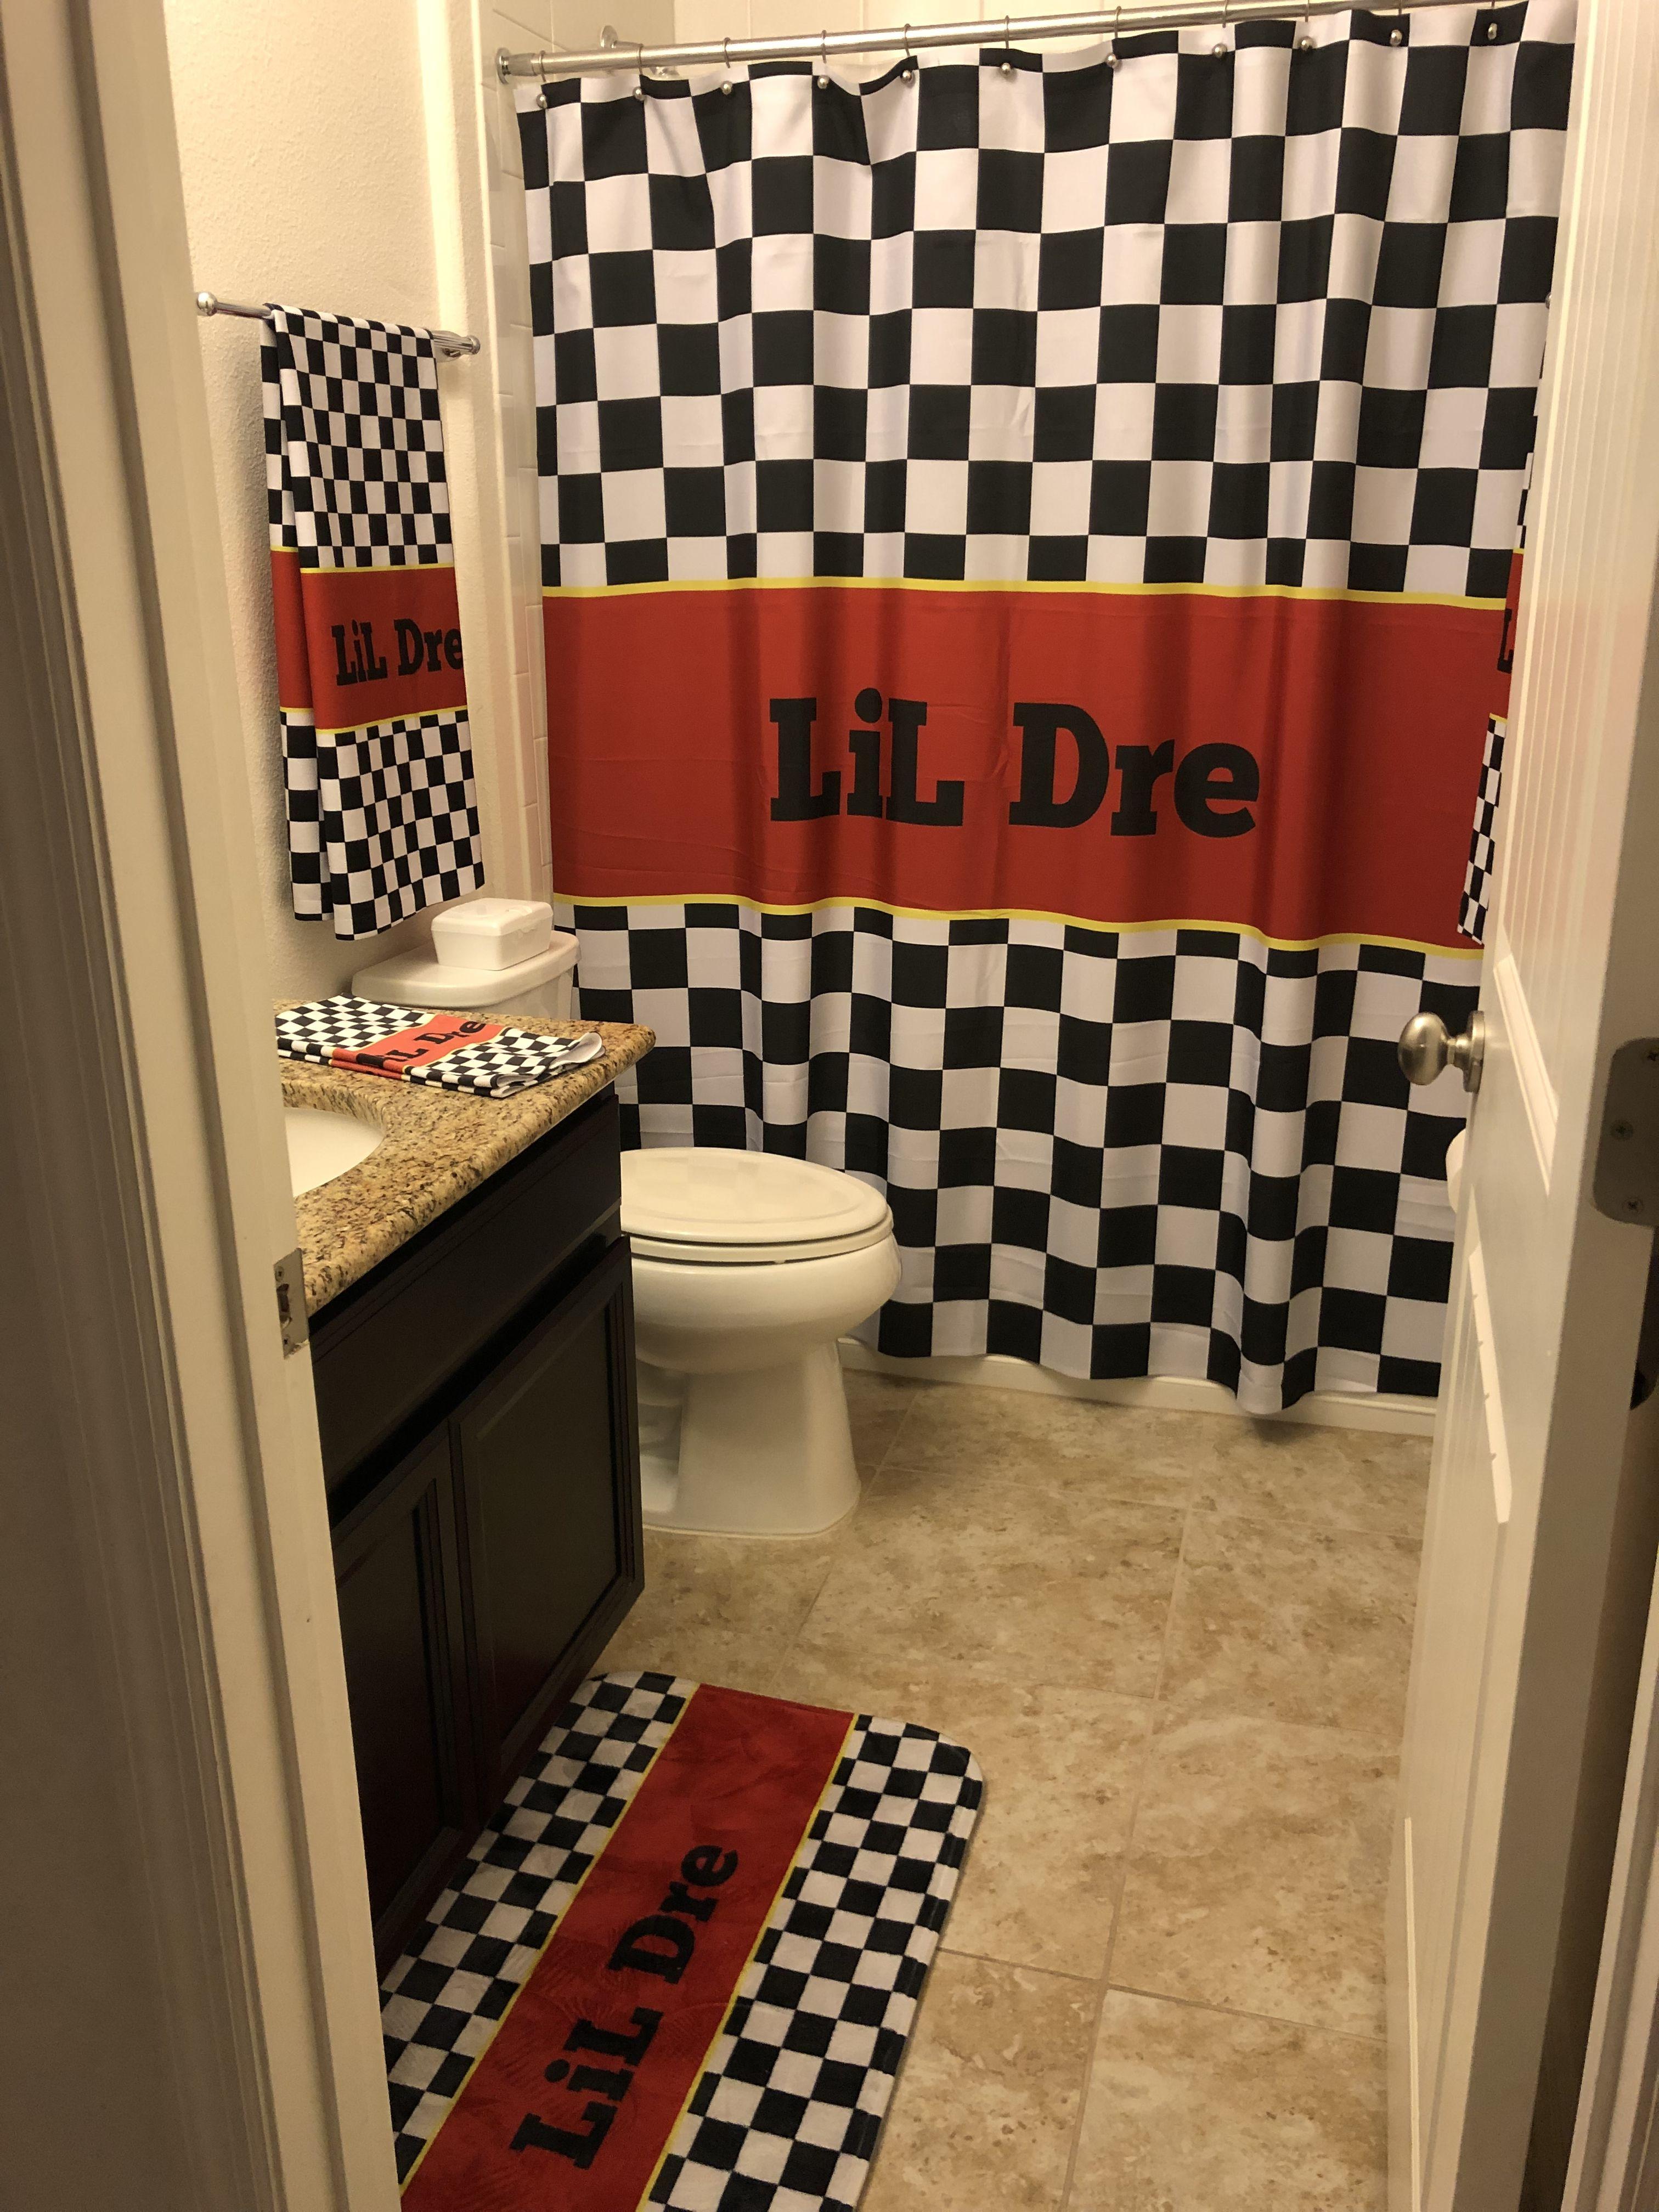 Race Car Theme Car Themes Race Car Themes Boys Bathroom Race car bathroom decor